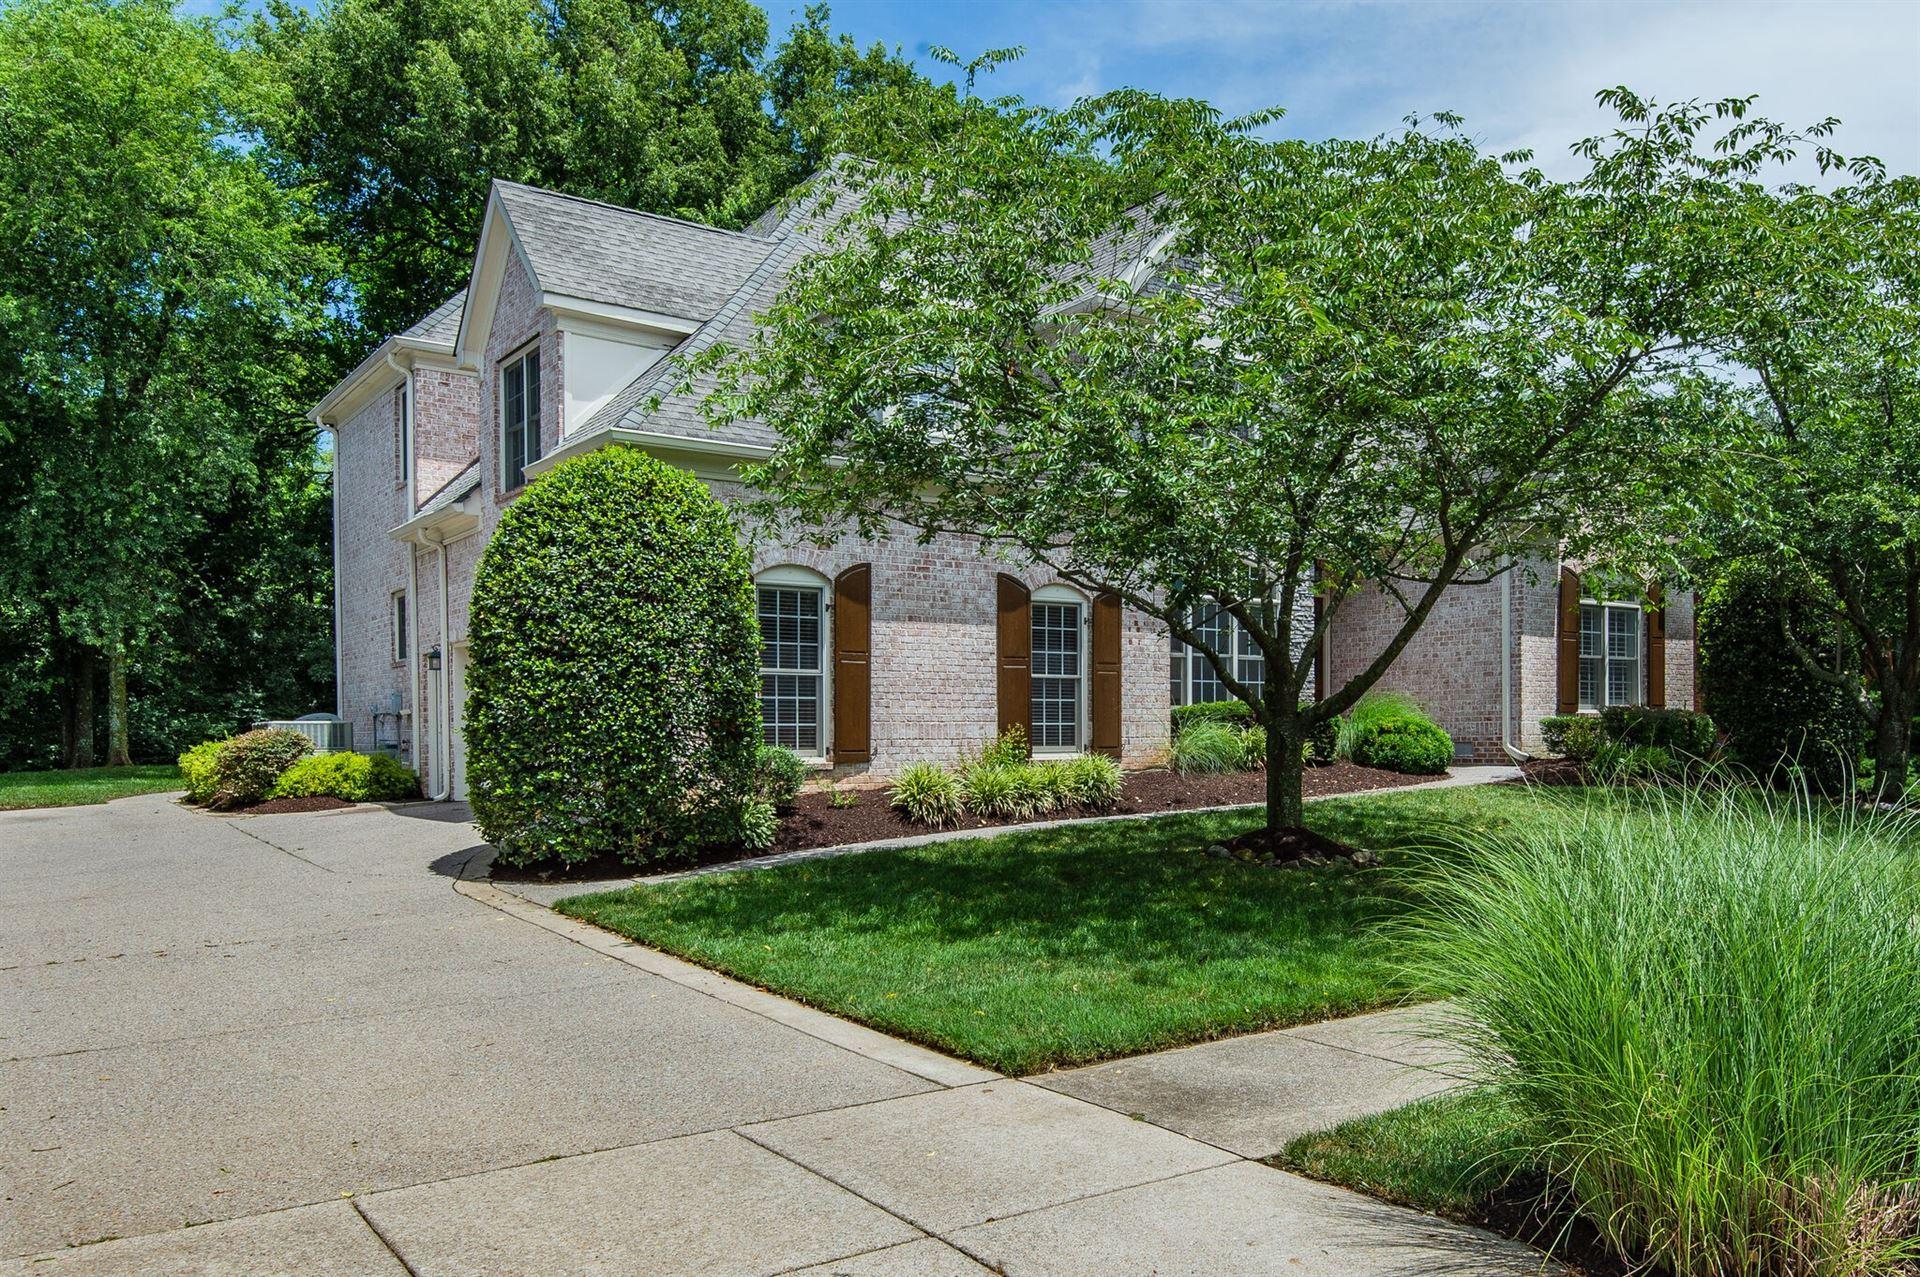 Photo of 125 Gardenia Way, Franklin, TN 37064 (MLS # 2169167)